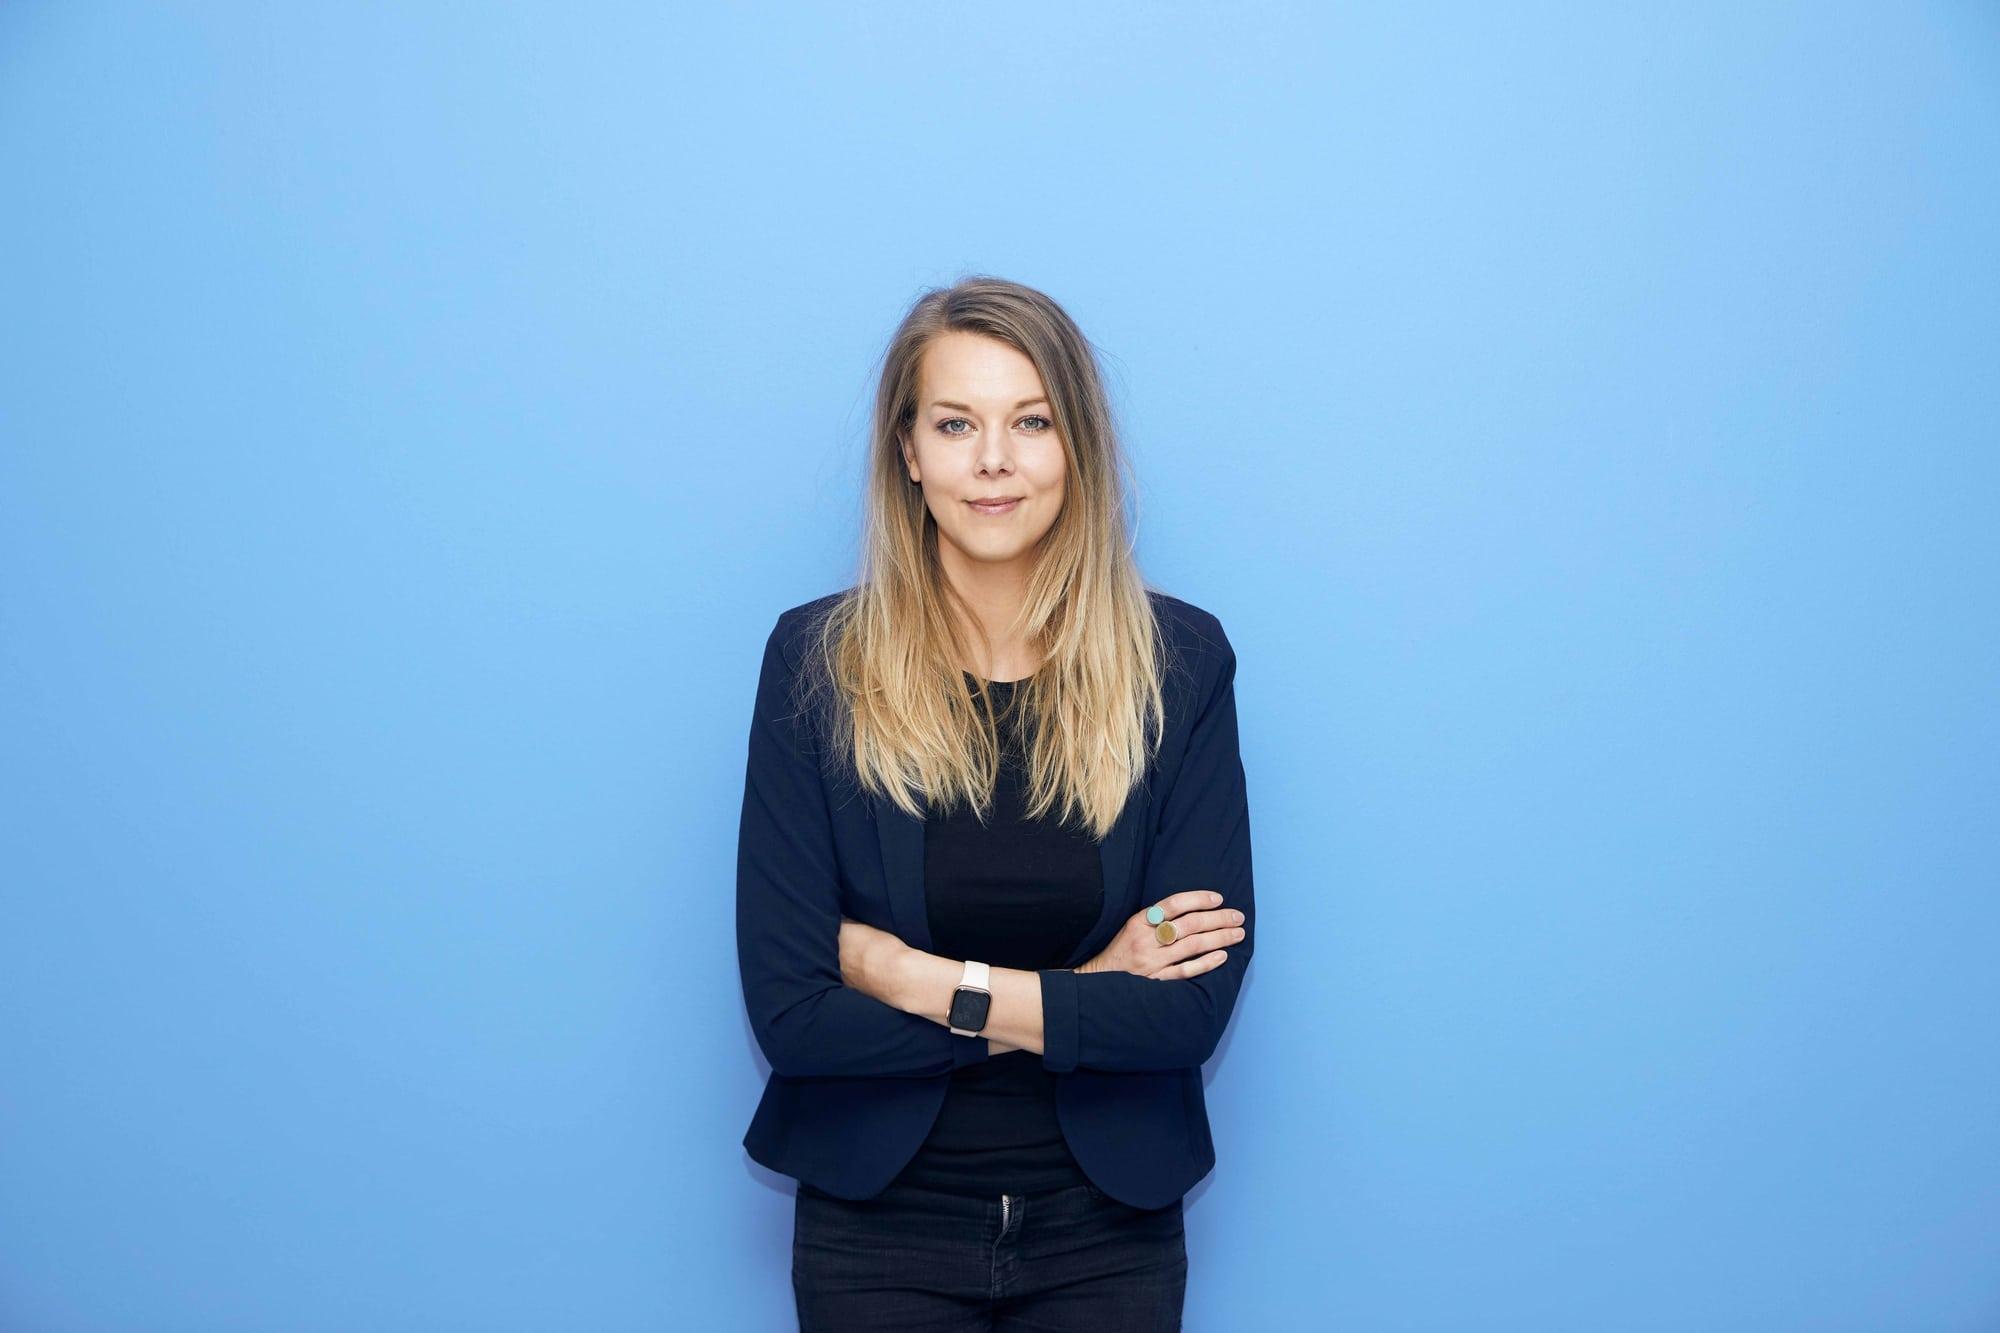 Et billede af Signe Daugaard foran en blå væg